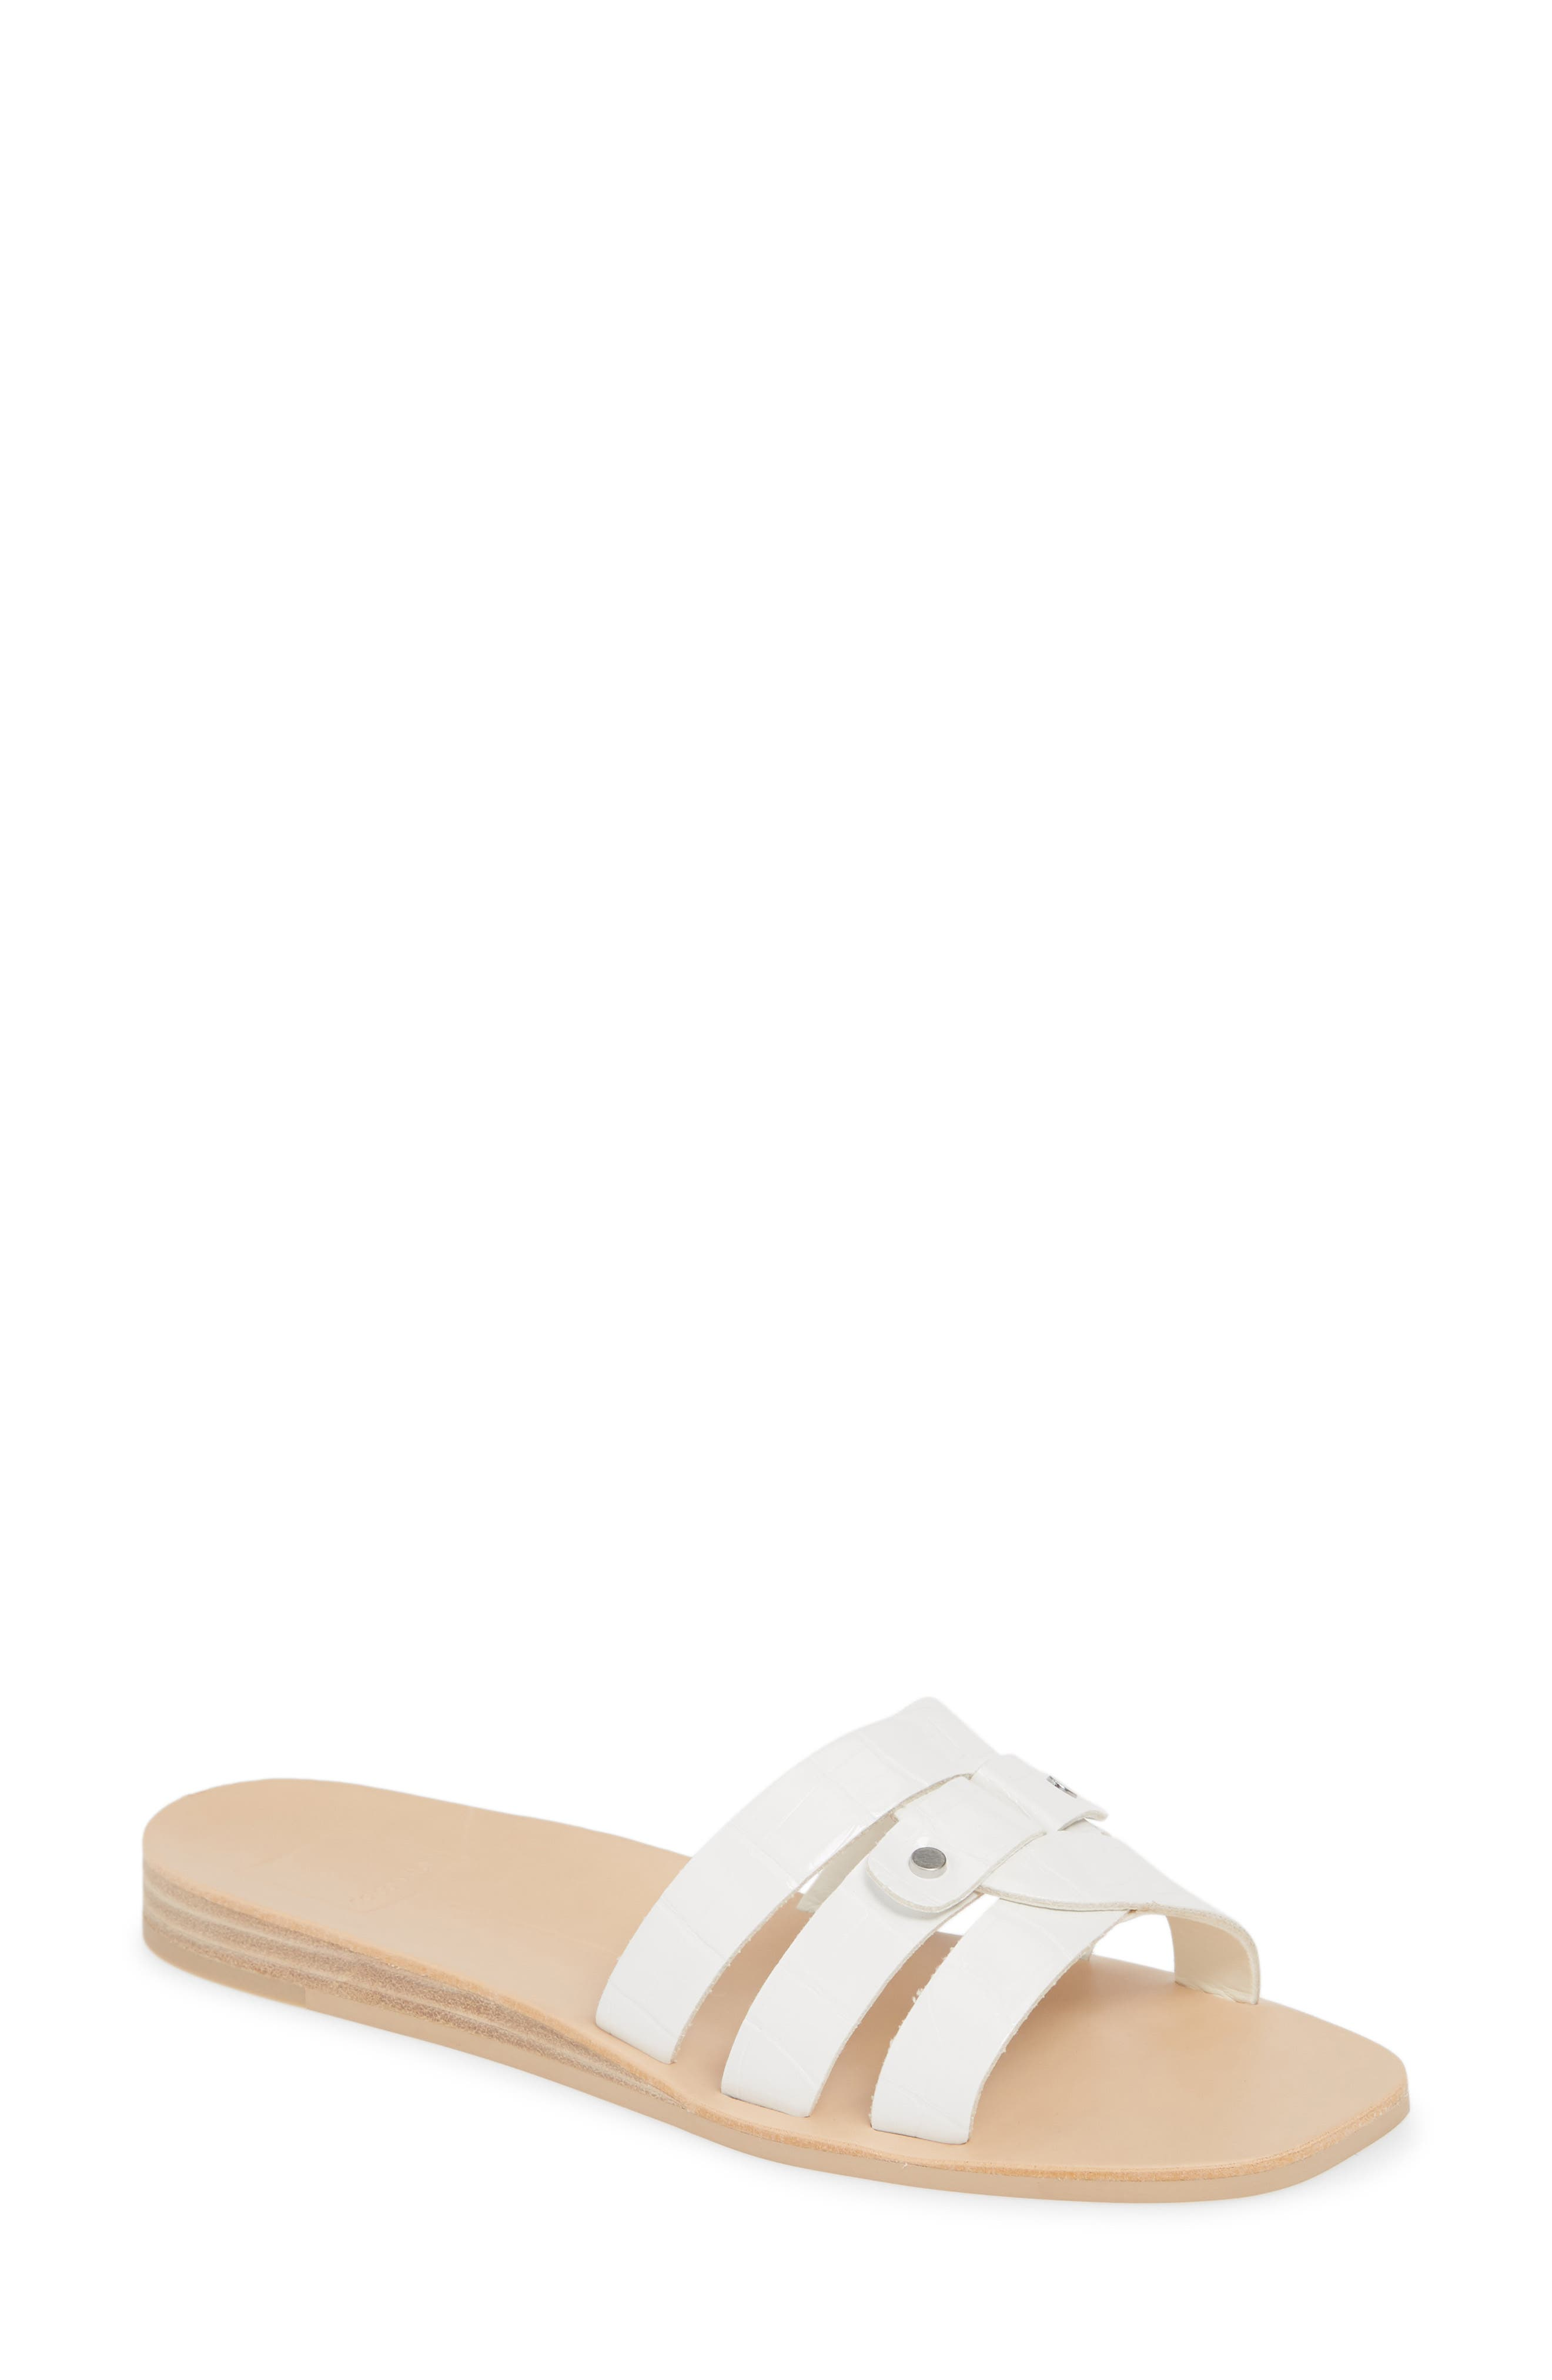 Dolce Vita Cait Slide Sandal- White